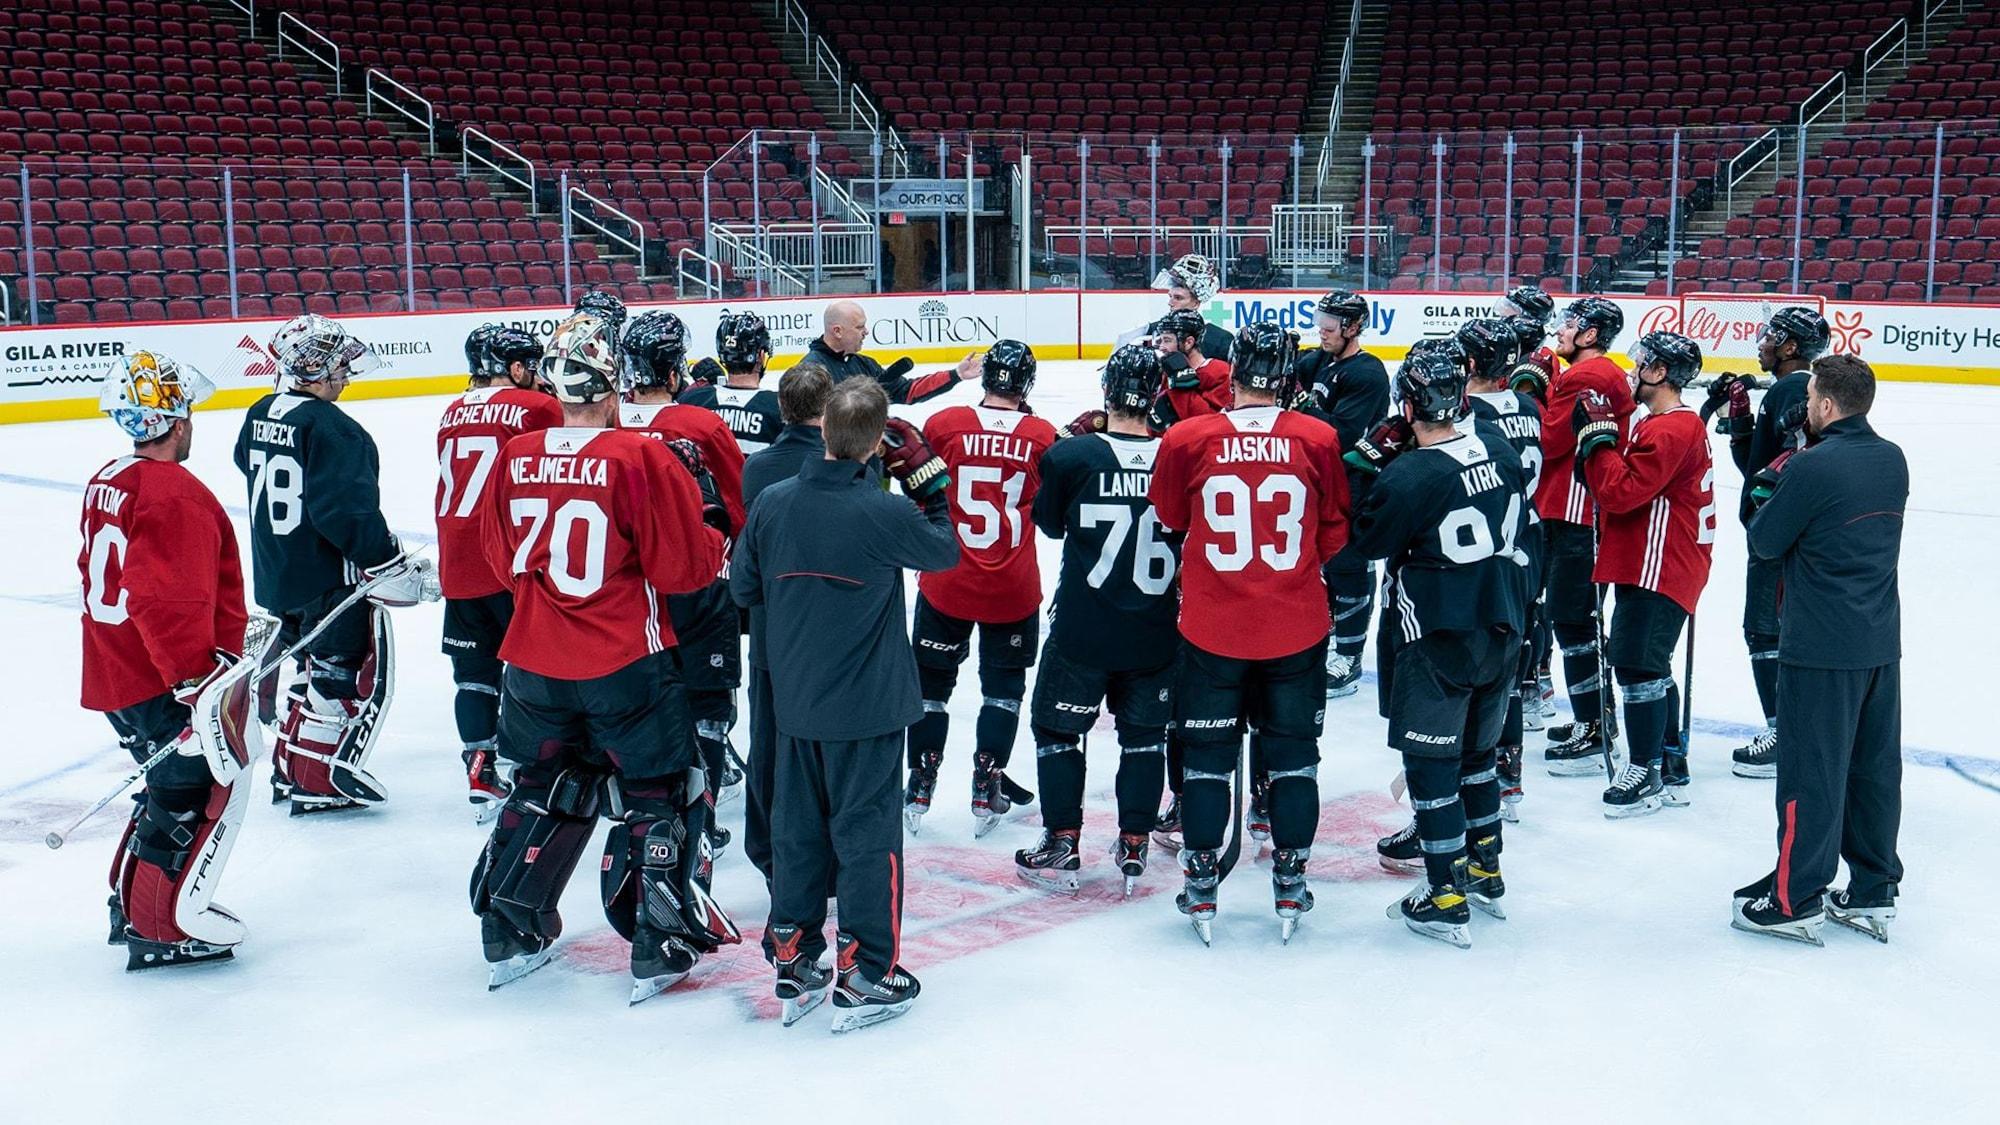 Entouré d'une vingtaine de joueurs de hockey, un entraîneur parle.